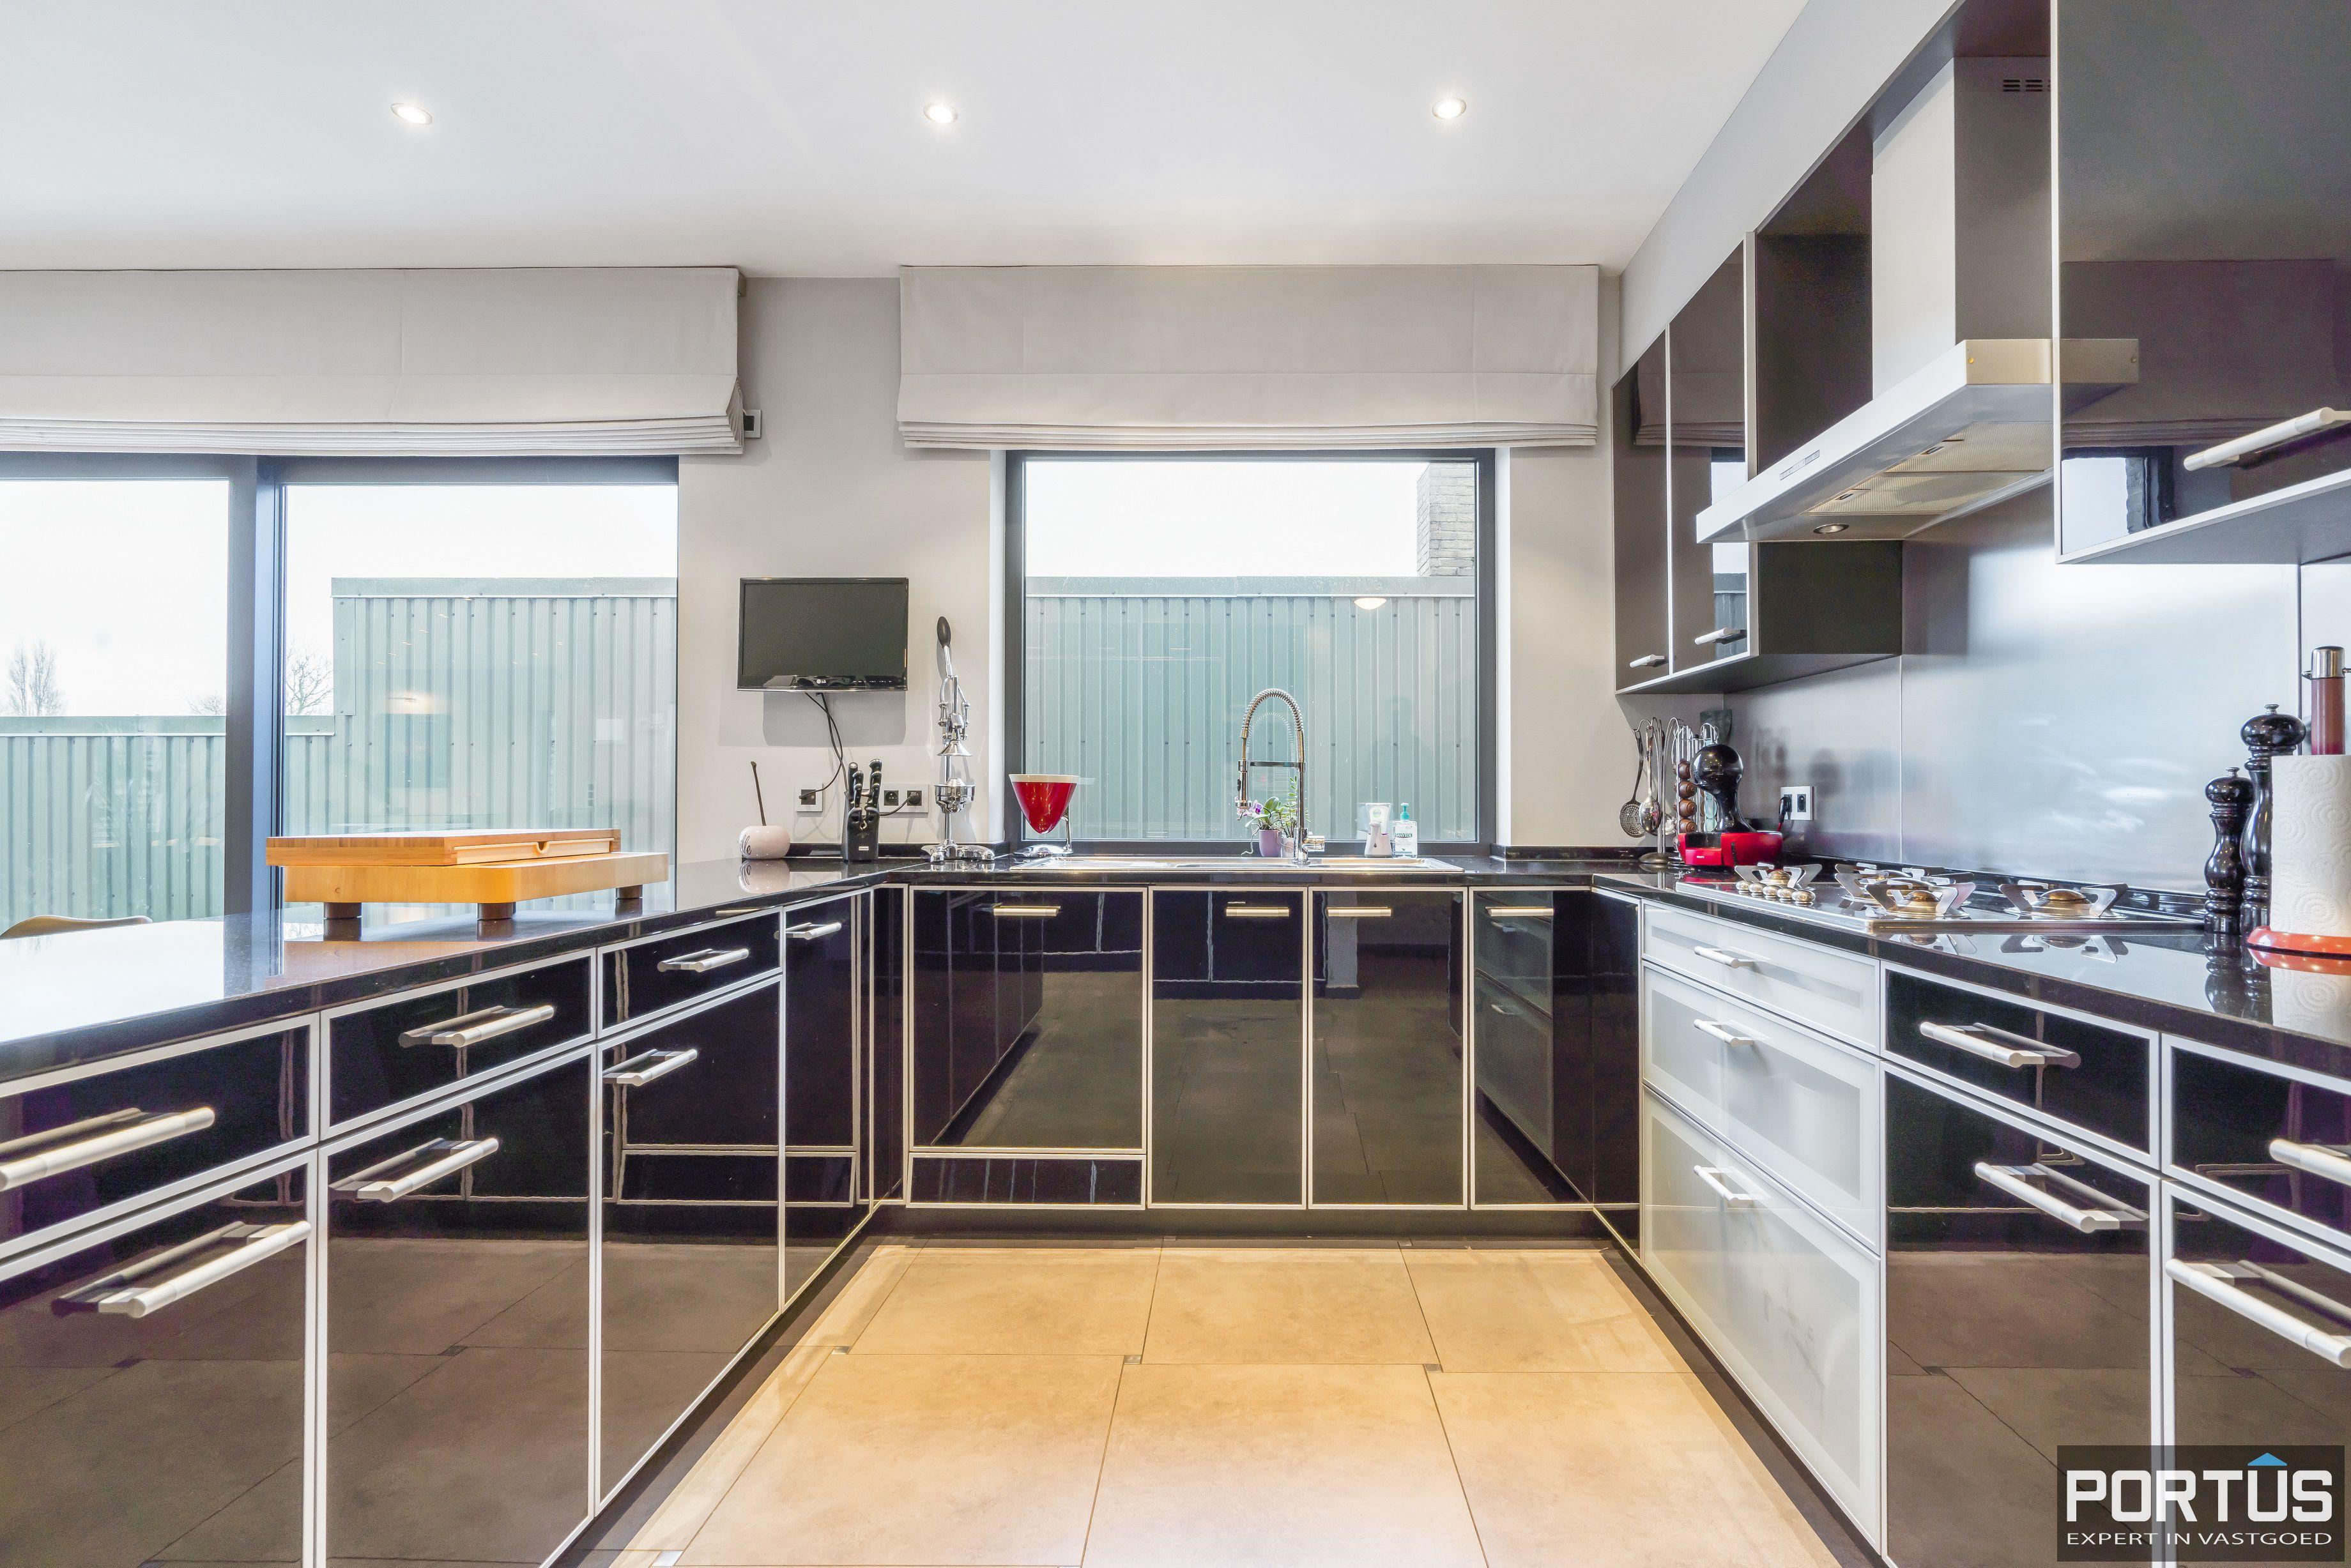 Instapklare villa met 3 slaapkamers te koop te Middelkerke - 12246